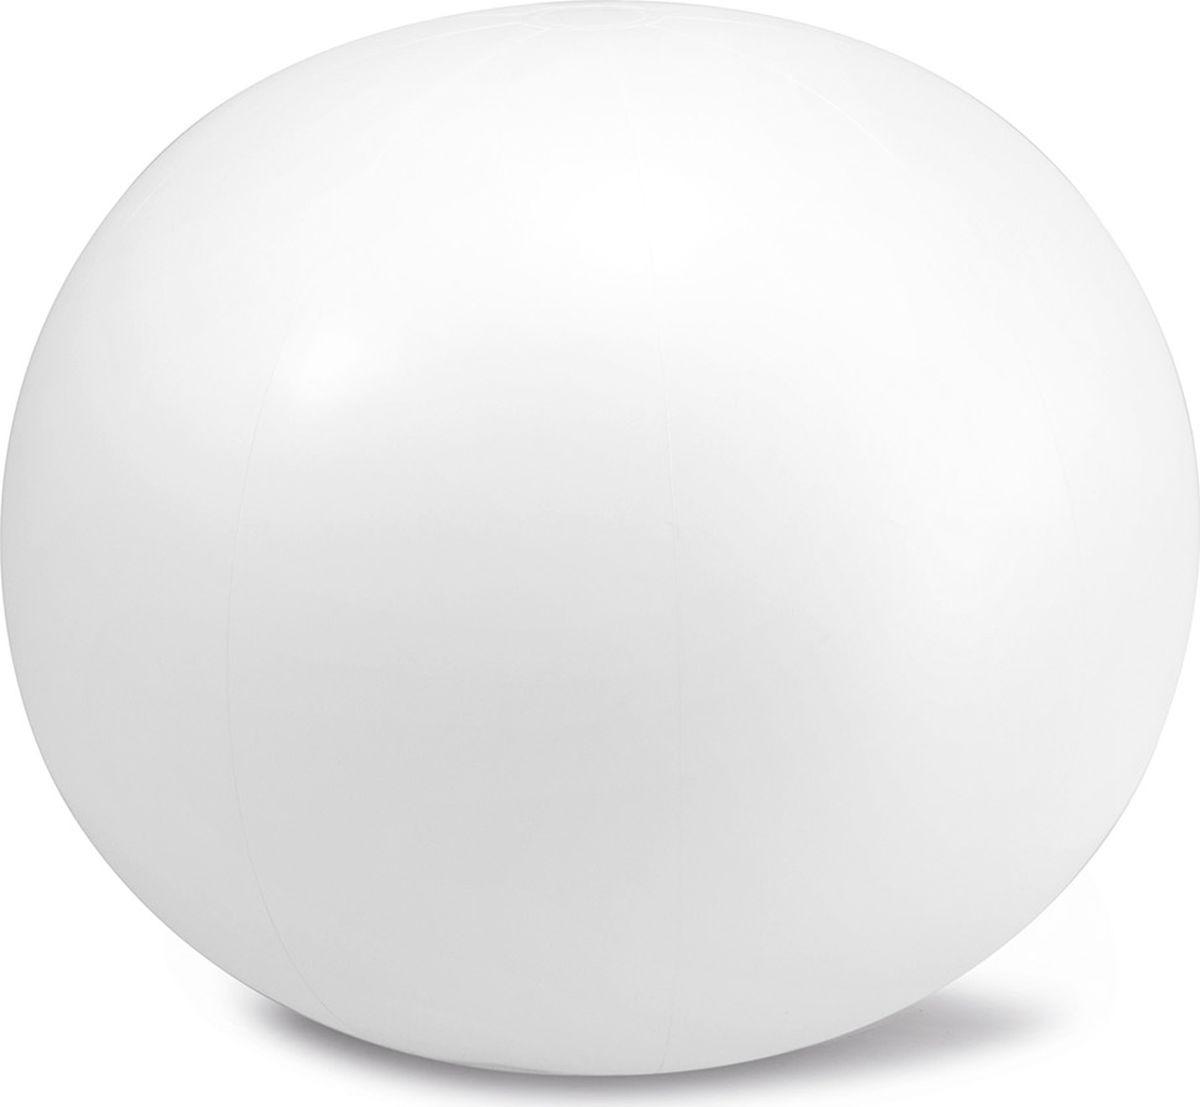 Лампа светодиодная для бассейна Intex Плавающий шар, с68695, белый, 89 х 79 см шар бульдог 89 см